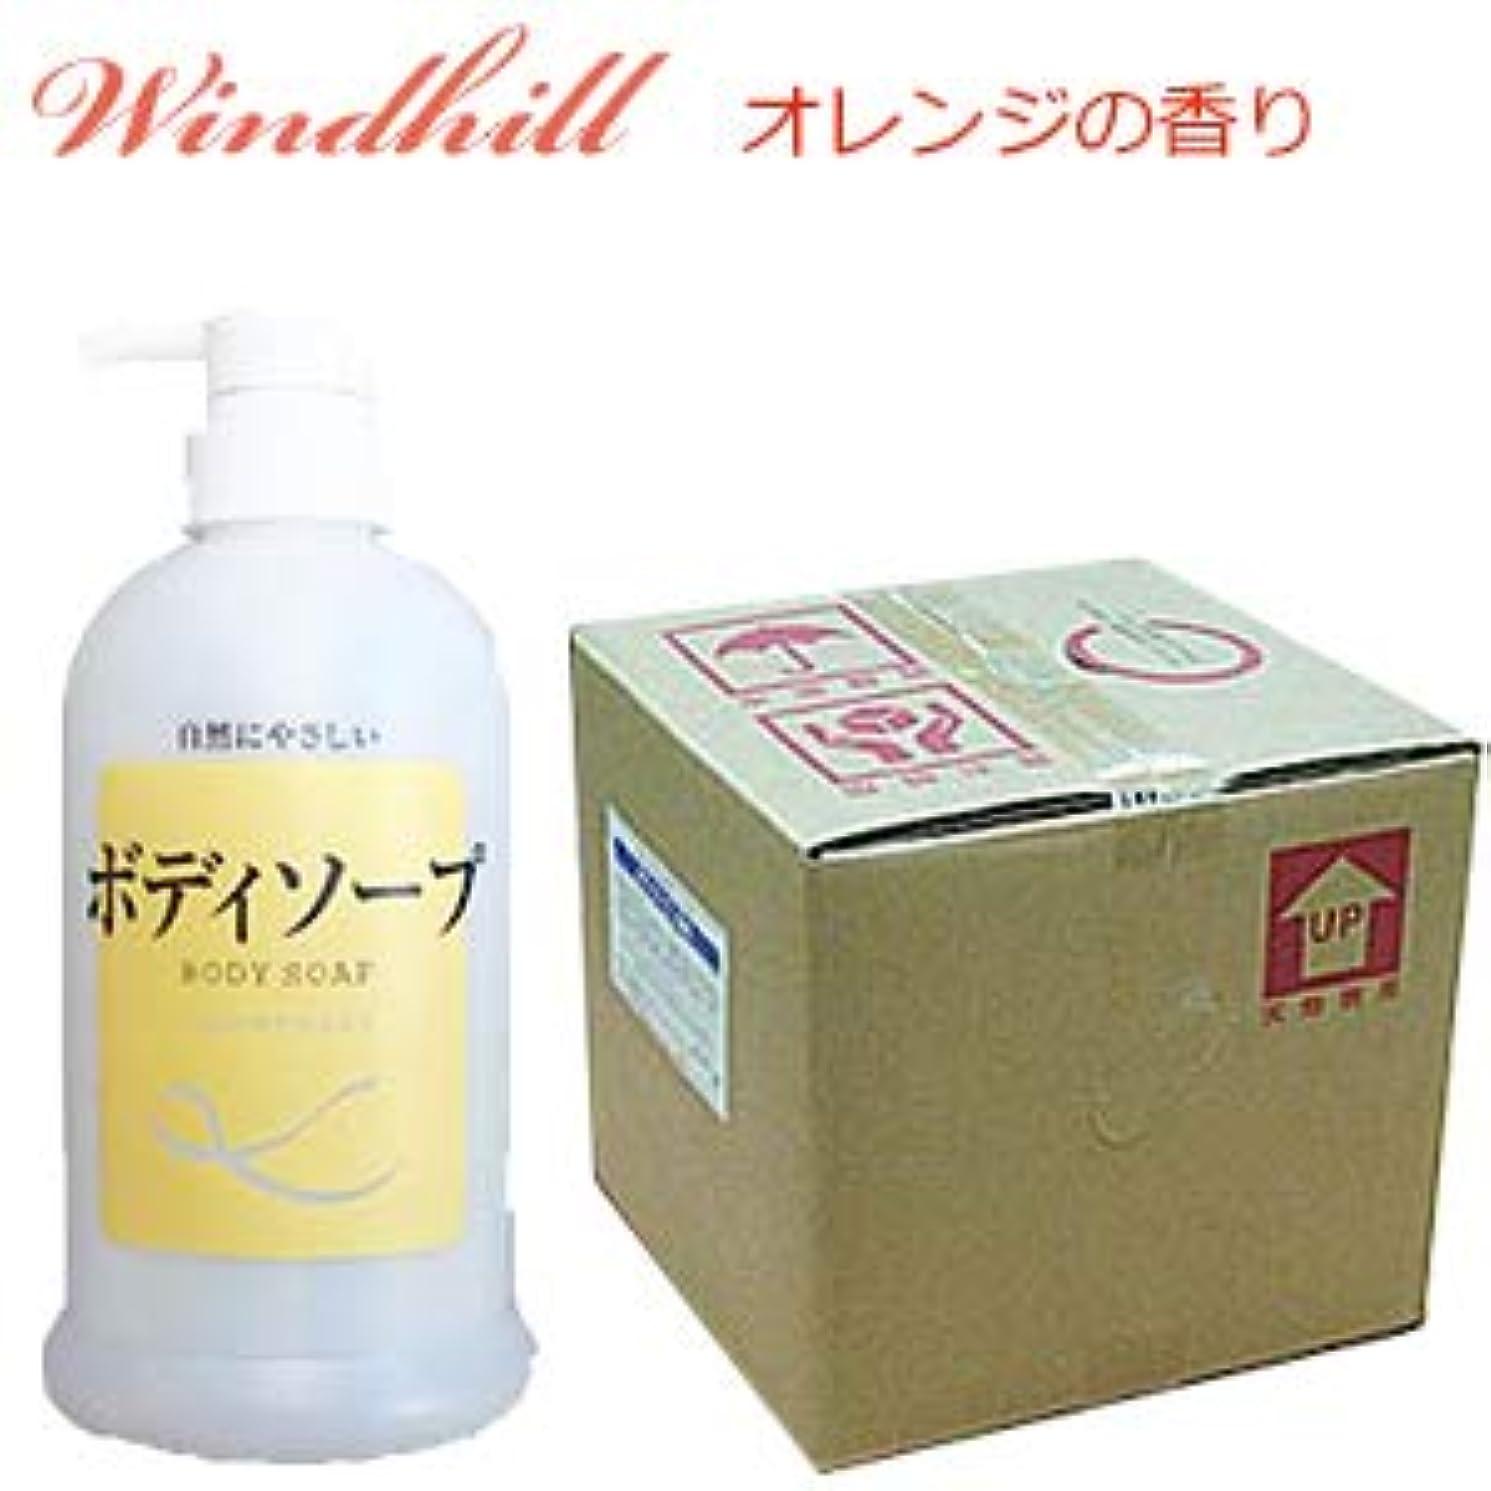 アルプスノミネート抑制Windhill 植物性 業務用ボディソープオレンジの香り 20L(1セット20L入)